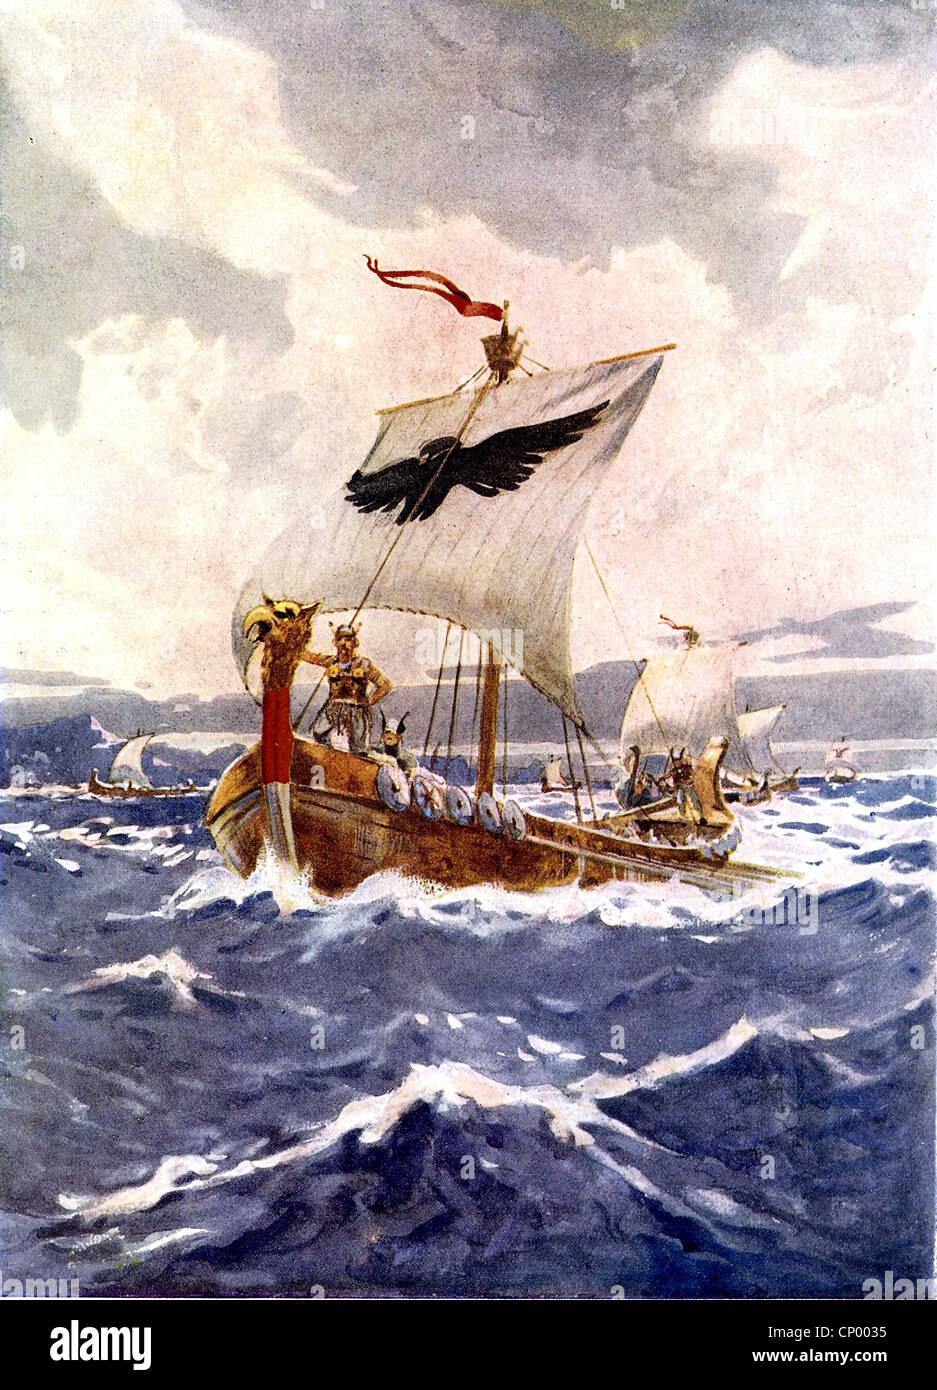 Mittelalter, Wikinger, Wikingerschiff, Segeln, Gemälde von Arch Webb, historischen, geschichtlichen, Schiffe, Stockbild